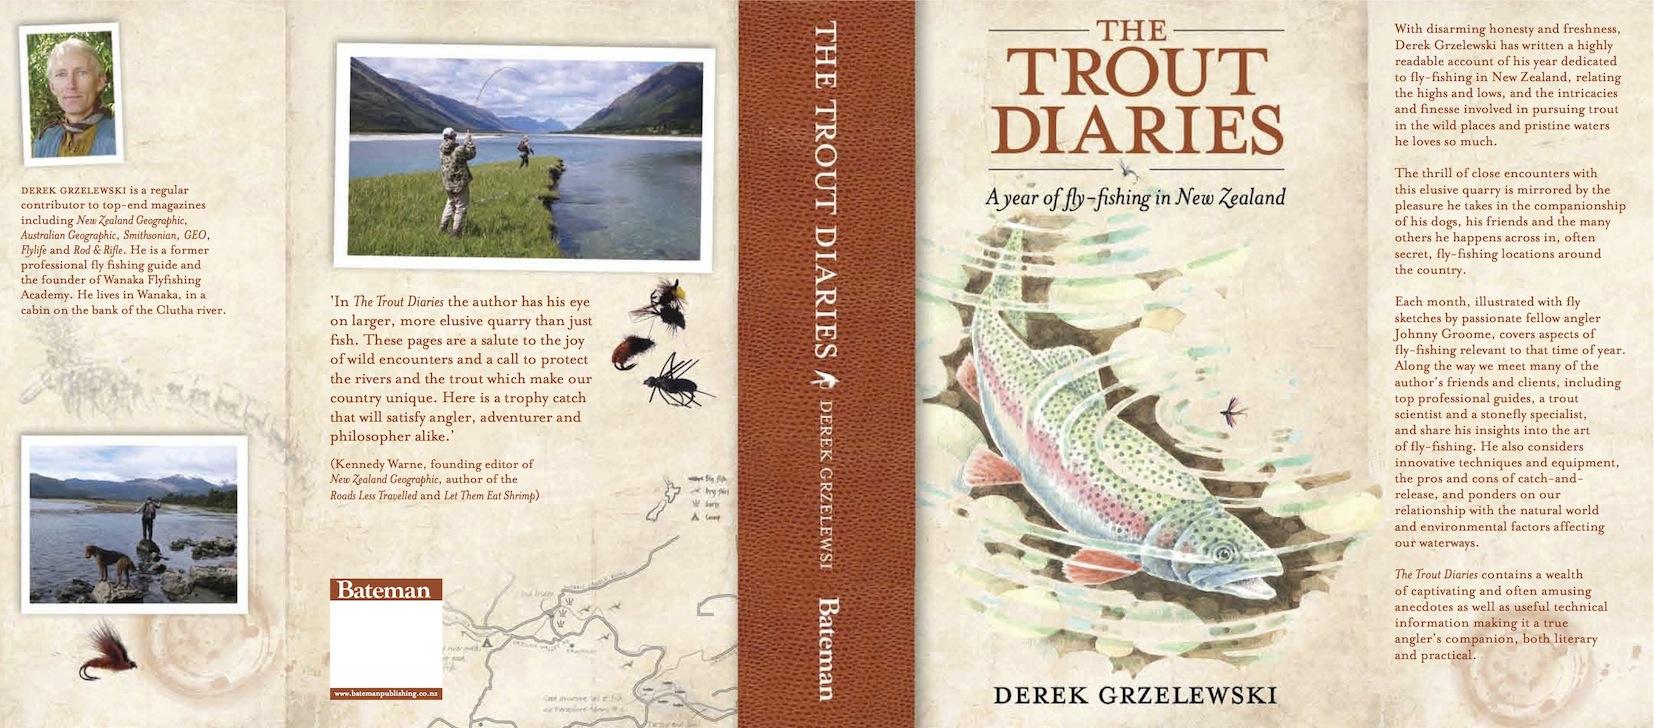 Trout diaries jacket copy